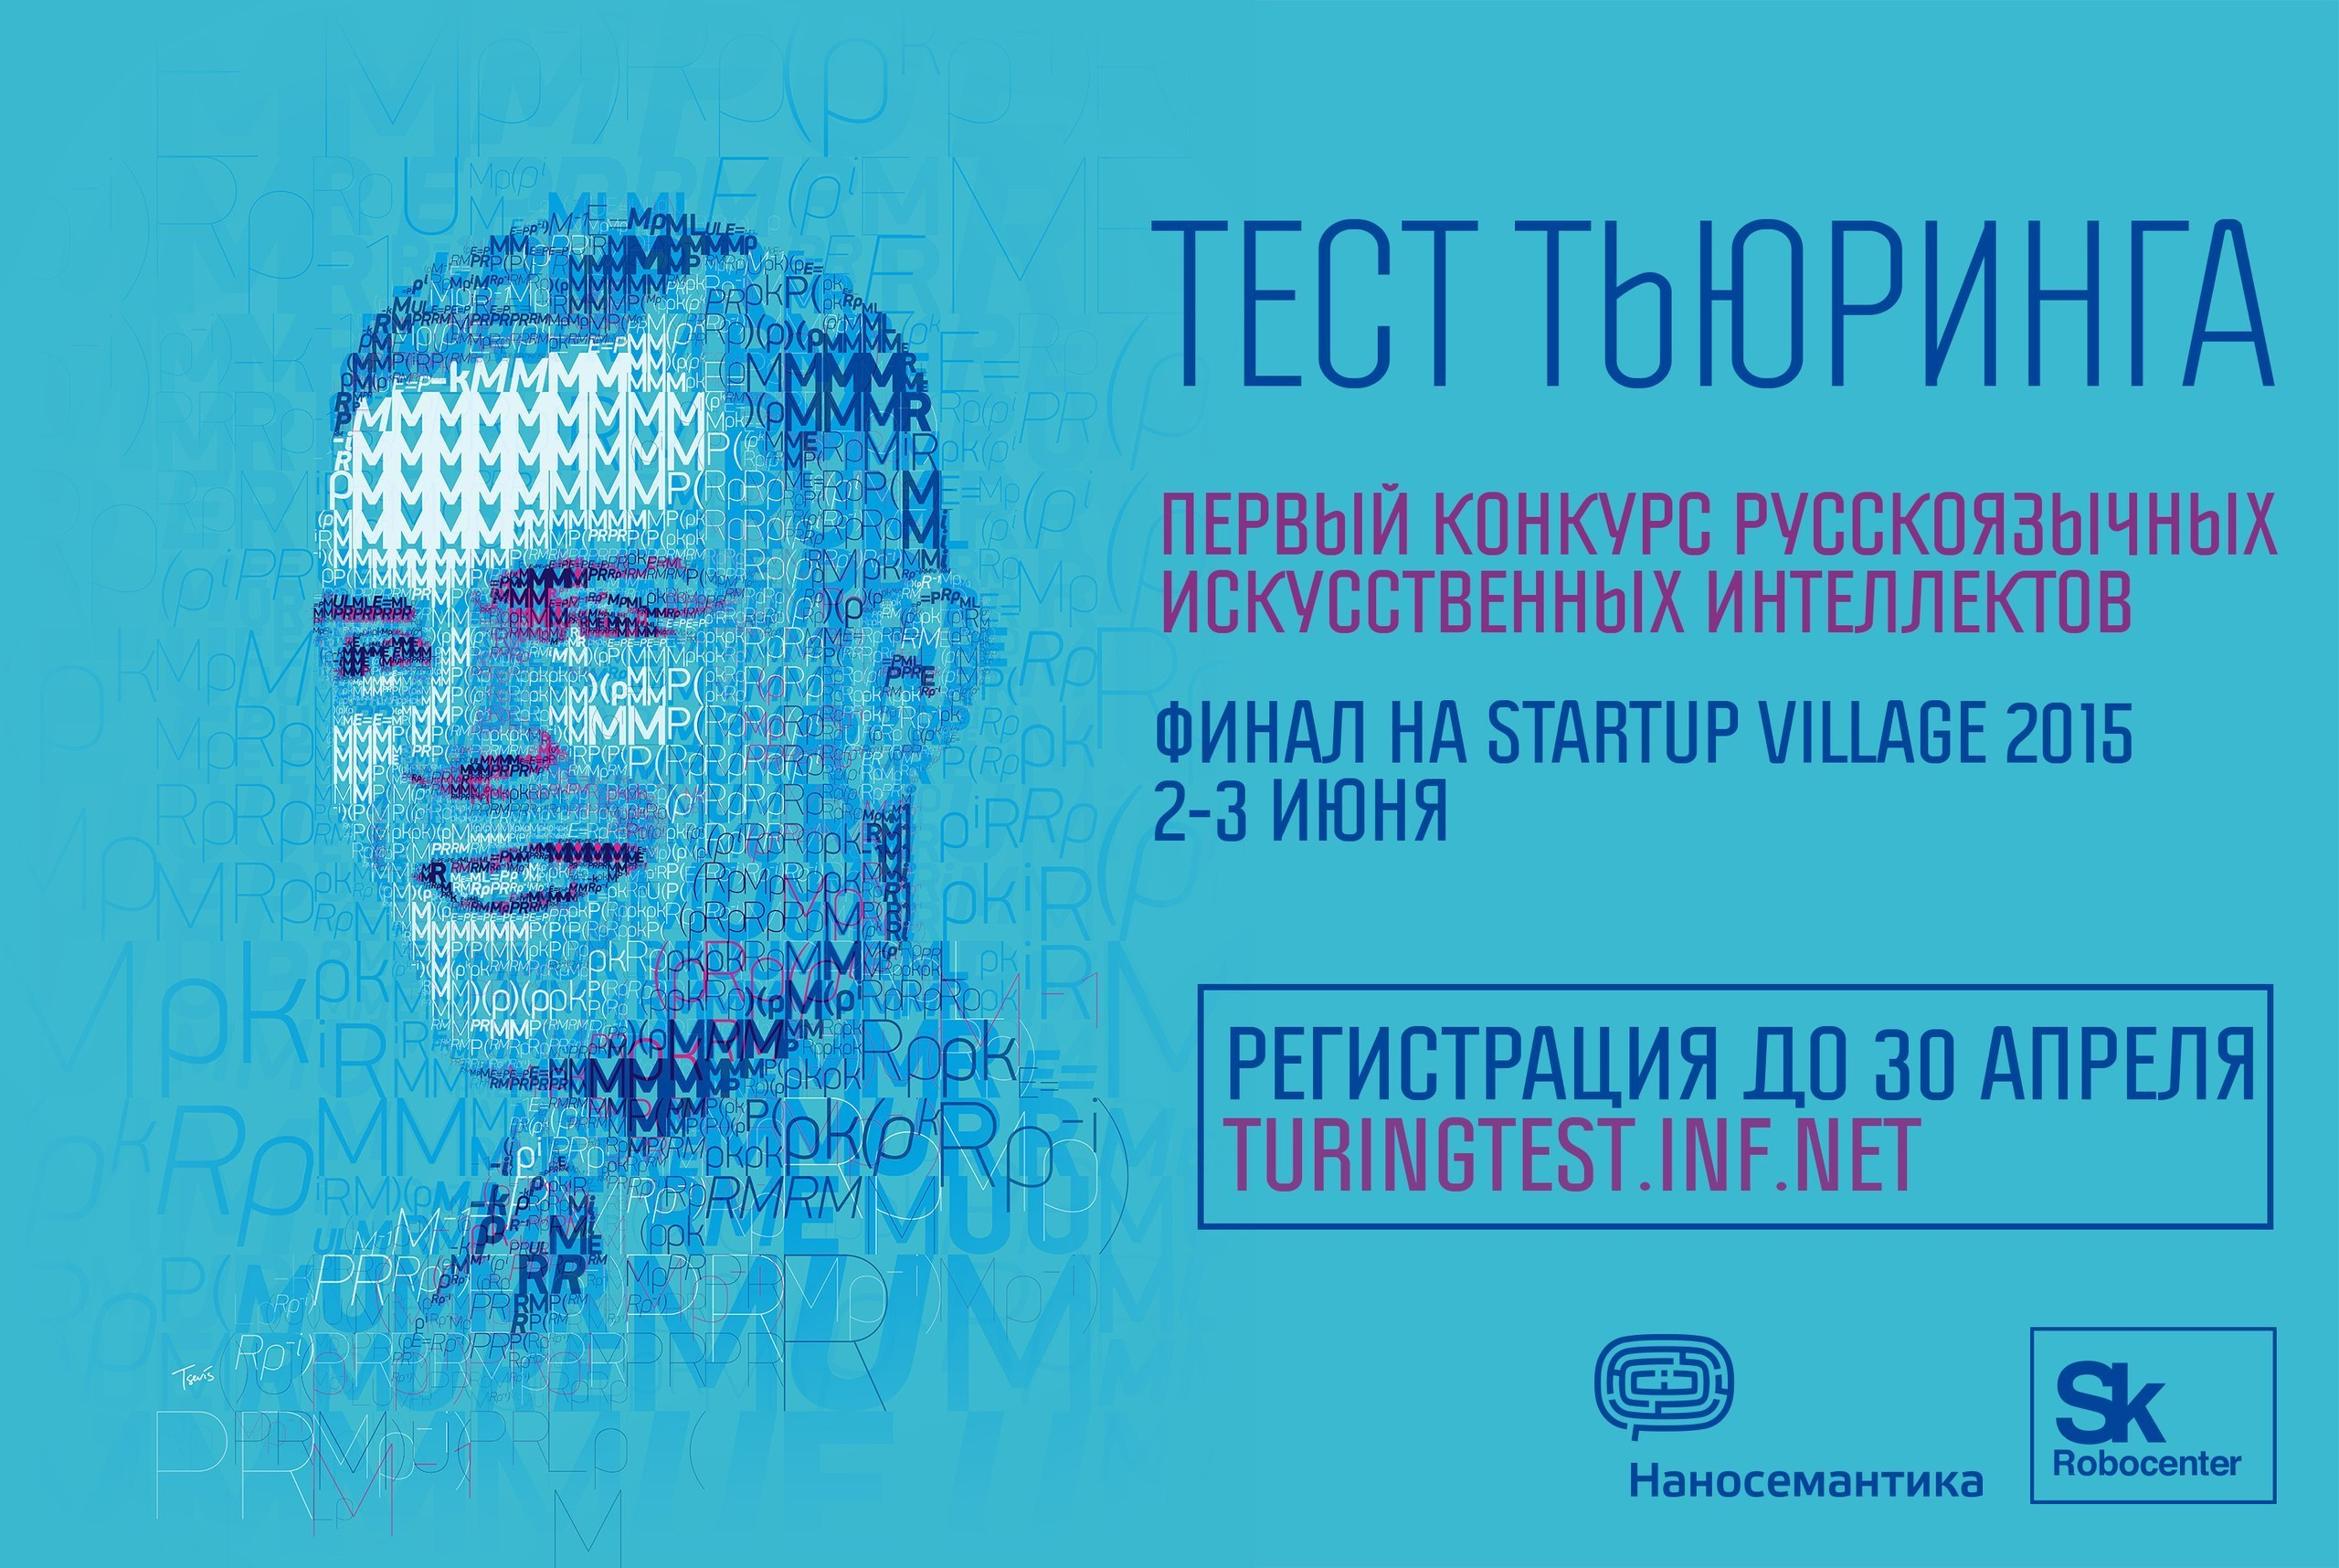 Робот-помощник Ашманова на русскоязычном тесте Тьюринга. Технология Инфов